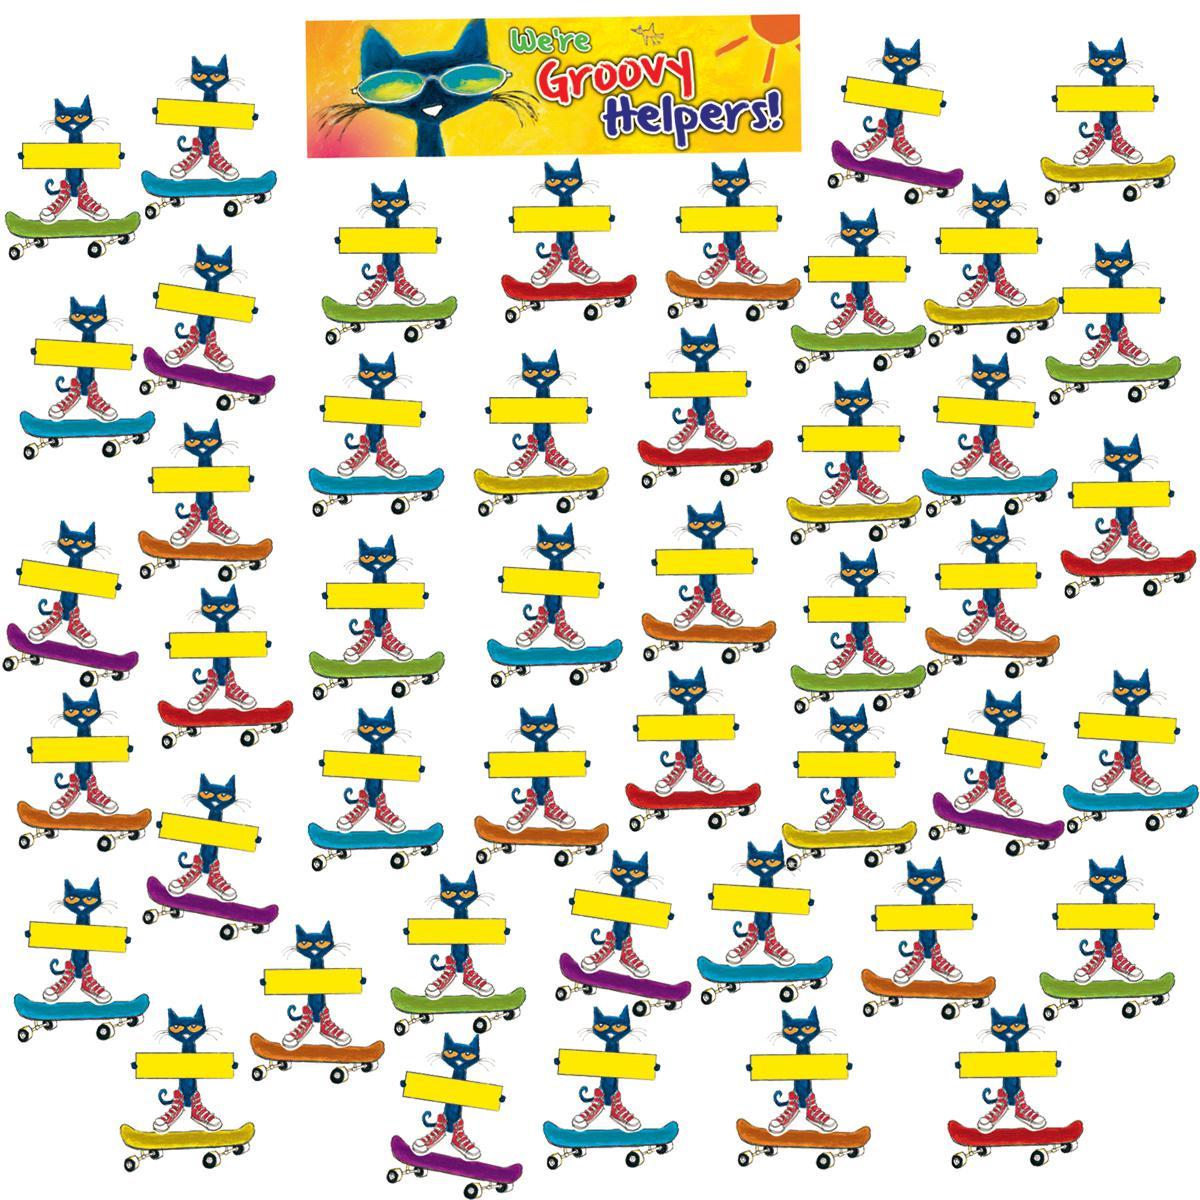 Pete the Cat© Groovy Classroom Jobs Mini Bulletin Board Set